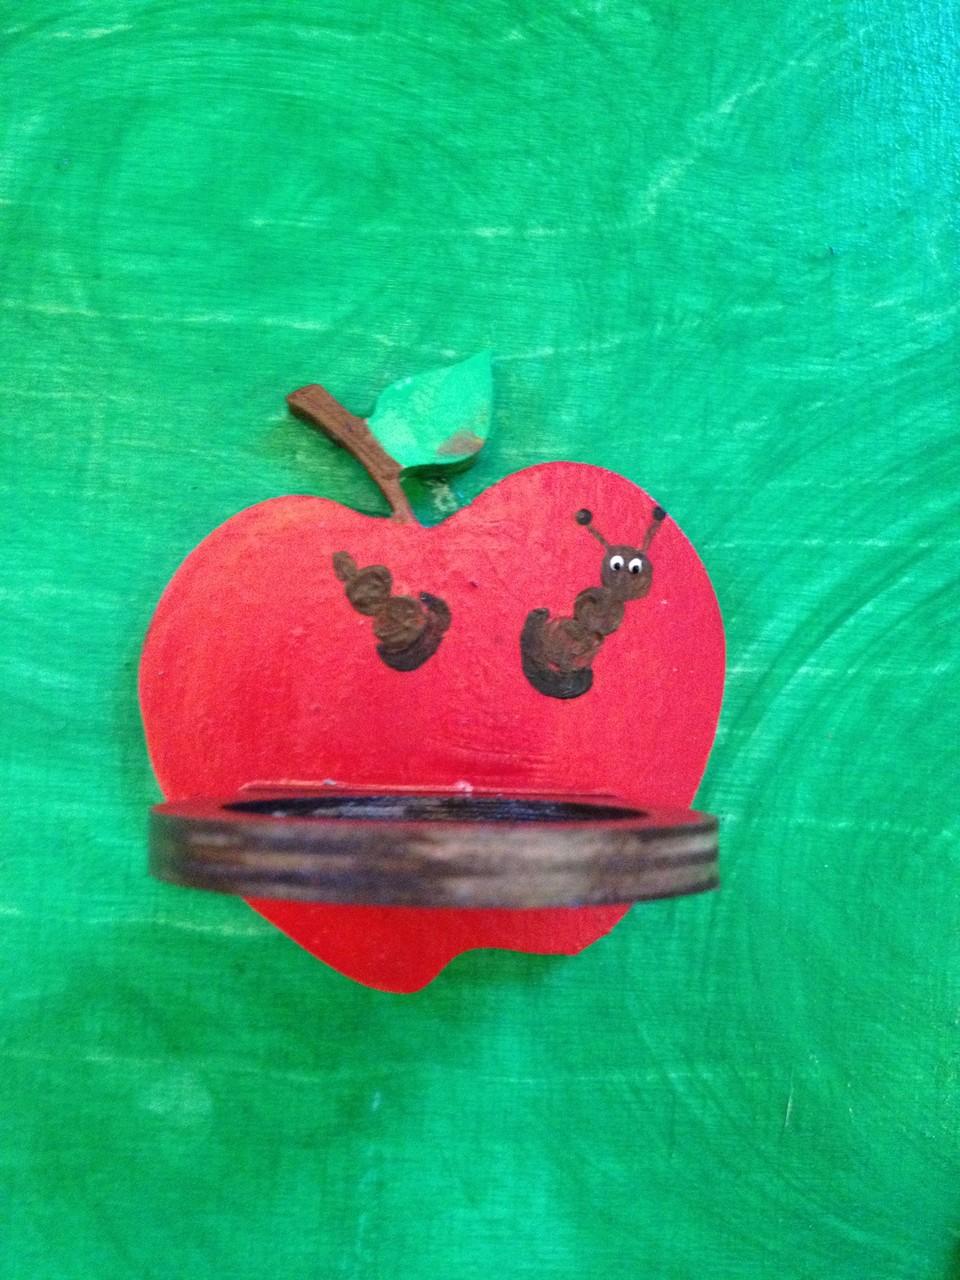 die Äpfel dienen als Schnullerablage